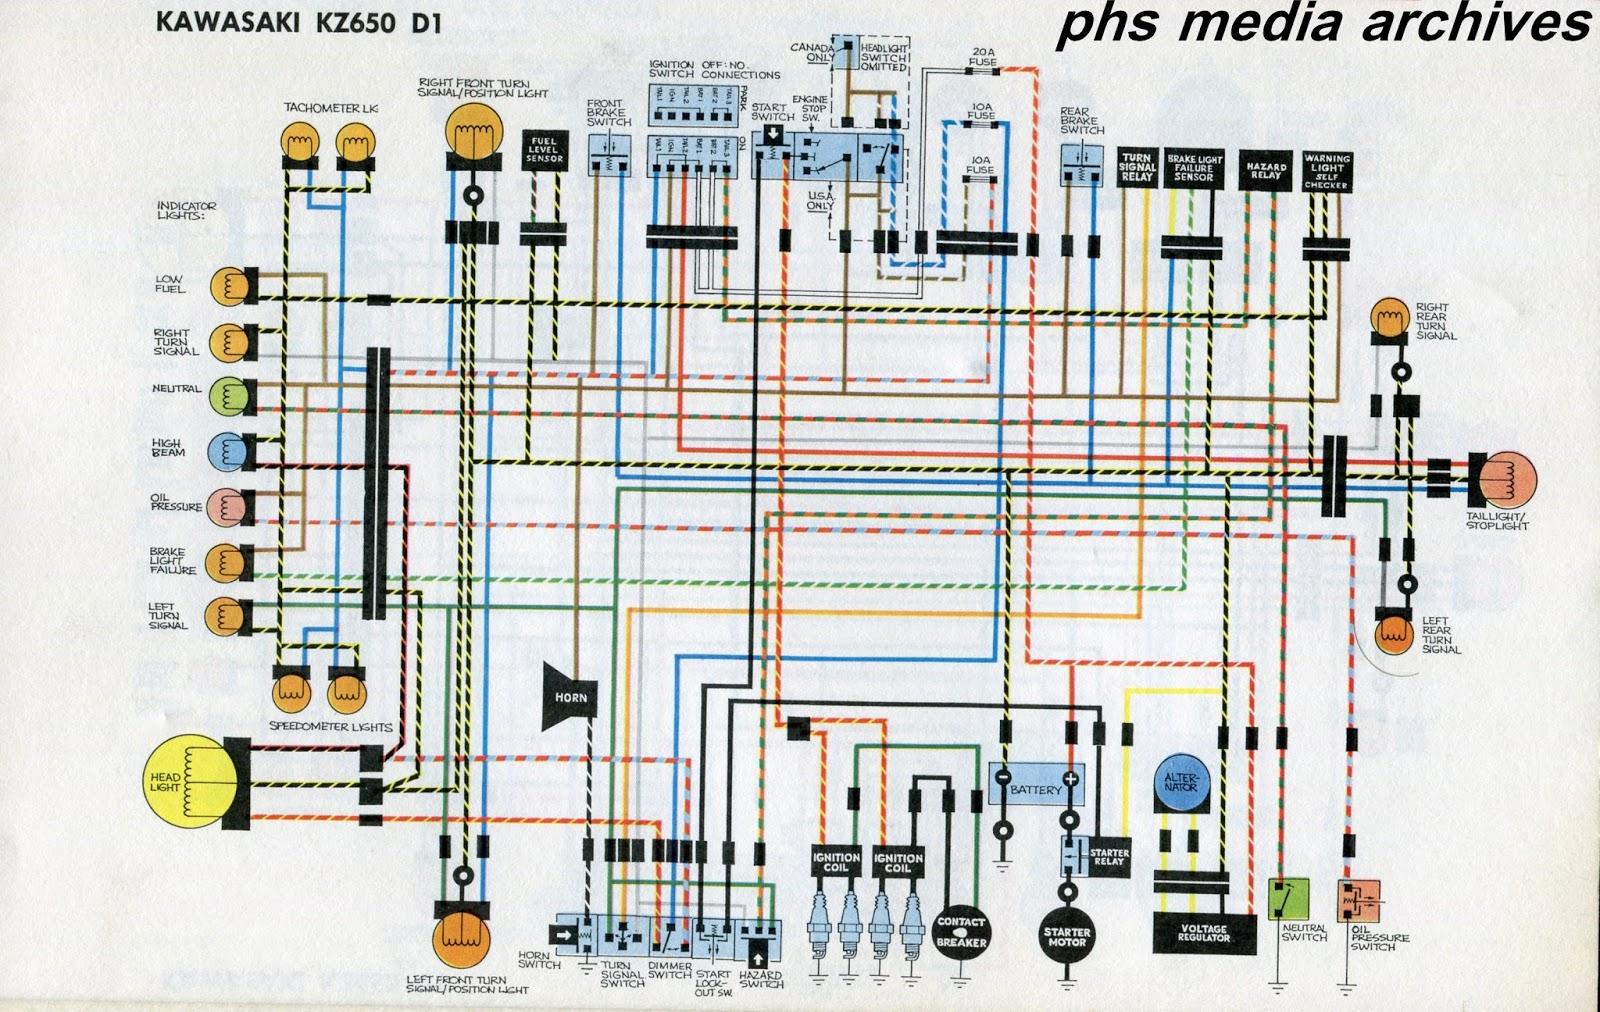 bobber kz650 wiring diagram wiring diagram advancekz650 wiring diagram wiring diagram bobber kz650 wiring diagram [ 1600 x 1012 Pixel ]